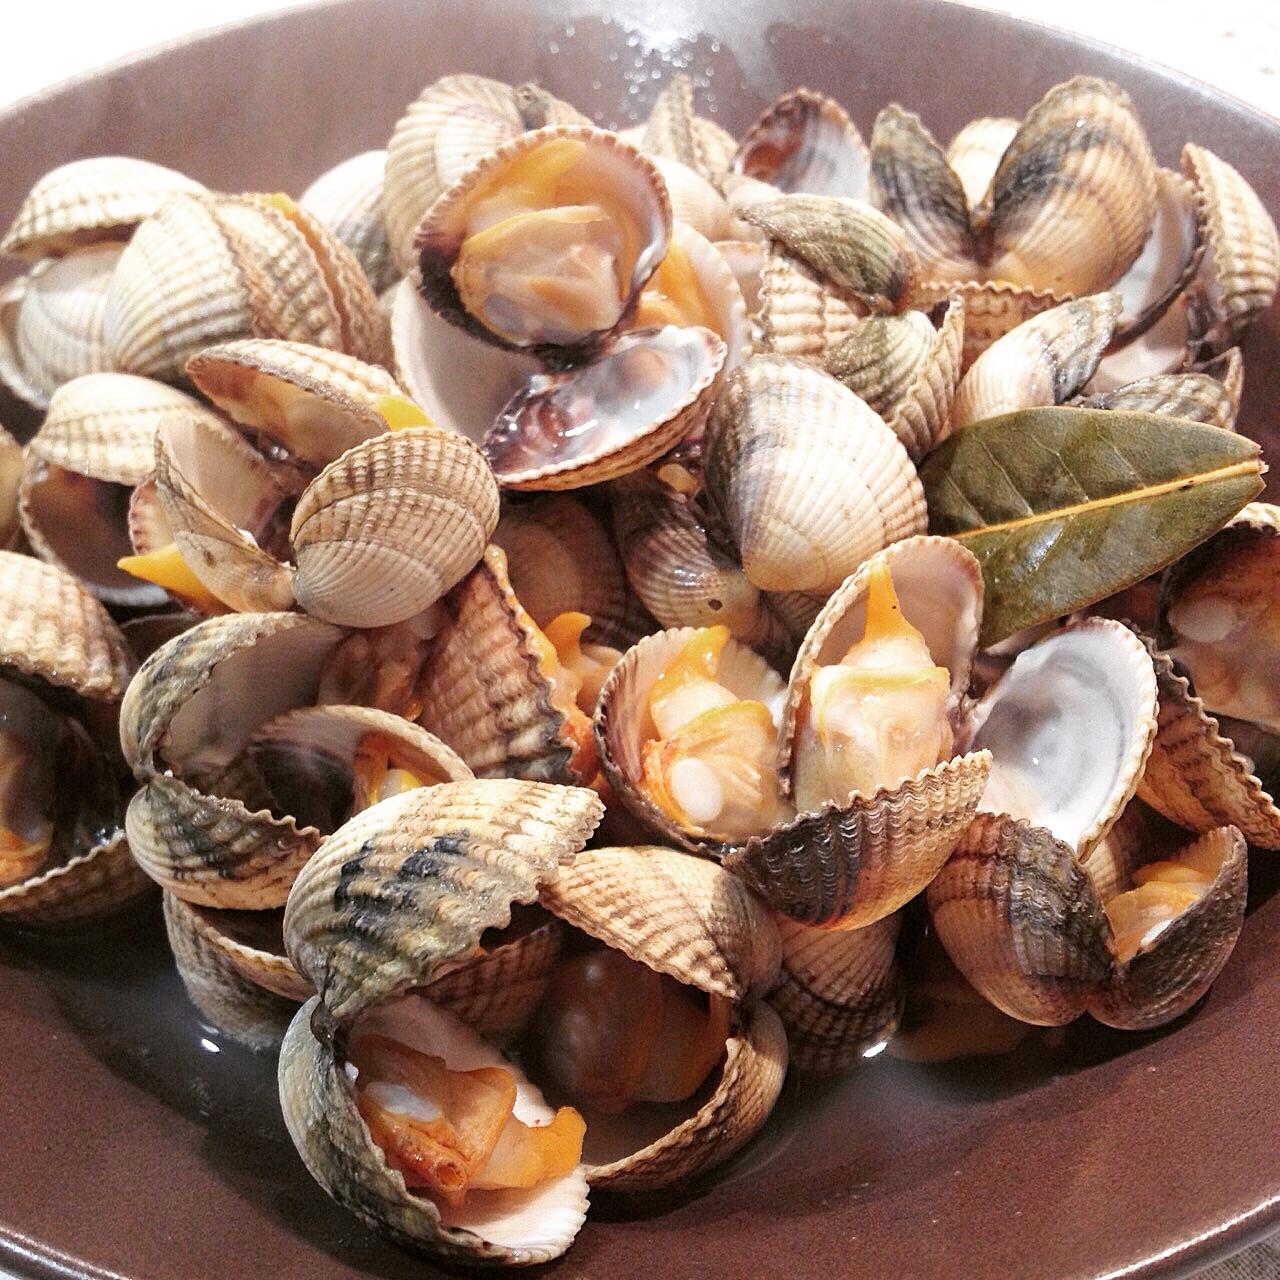 Cocinar Berberechos Frescos | Receta Berberechos Al Vapor Brutal Factor Gastronomico